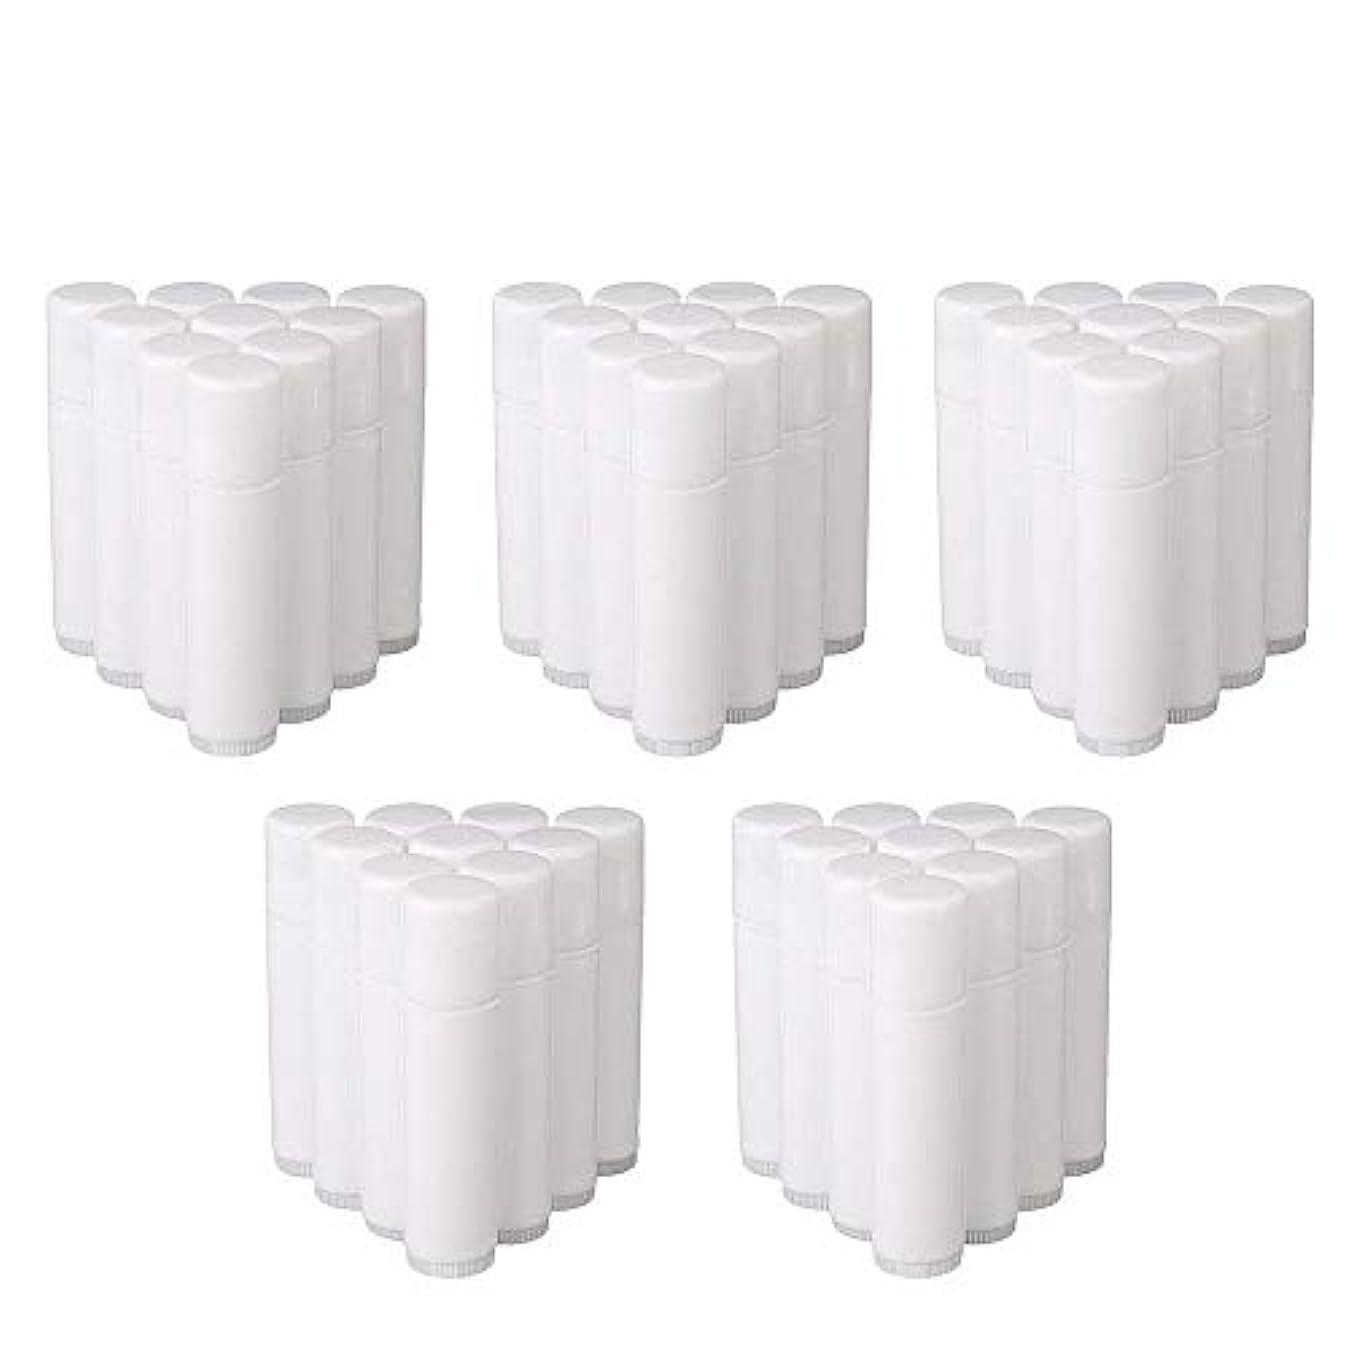 ベリ論争的本会議COOLBOTANG リップバームチューブ リップクリーム 繰り出し ホワイト 手作りコスメ 手作り化粧品/リップクリーム 50個 5g ミニ 詰め替え容器